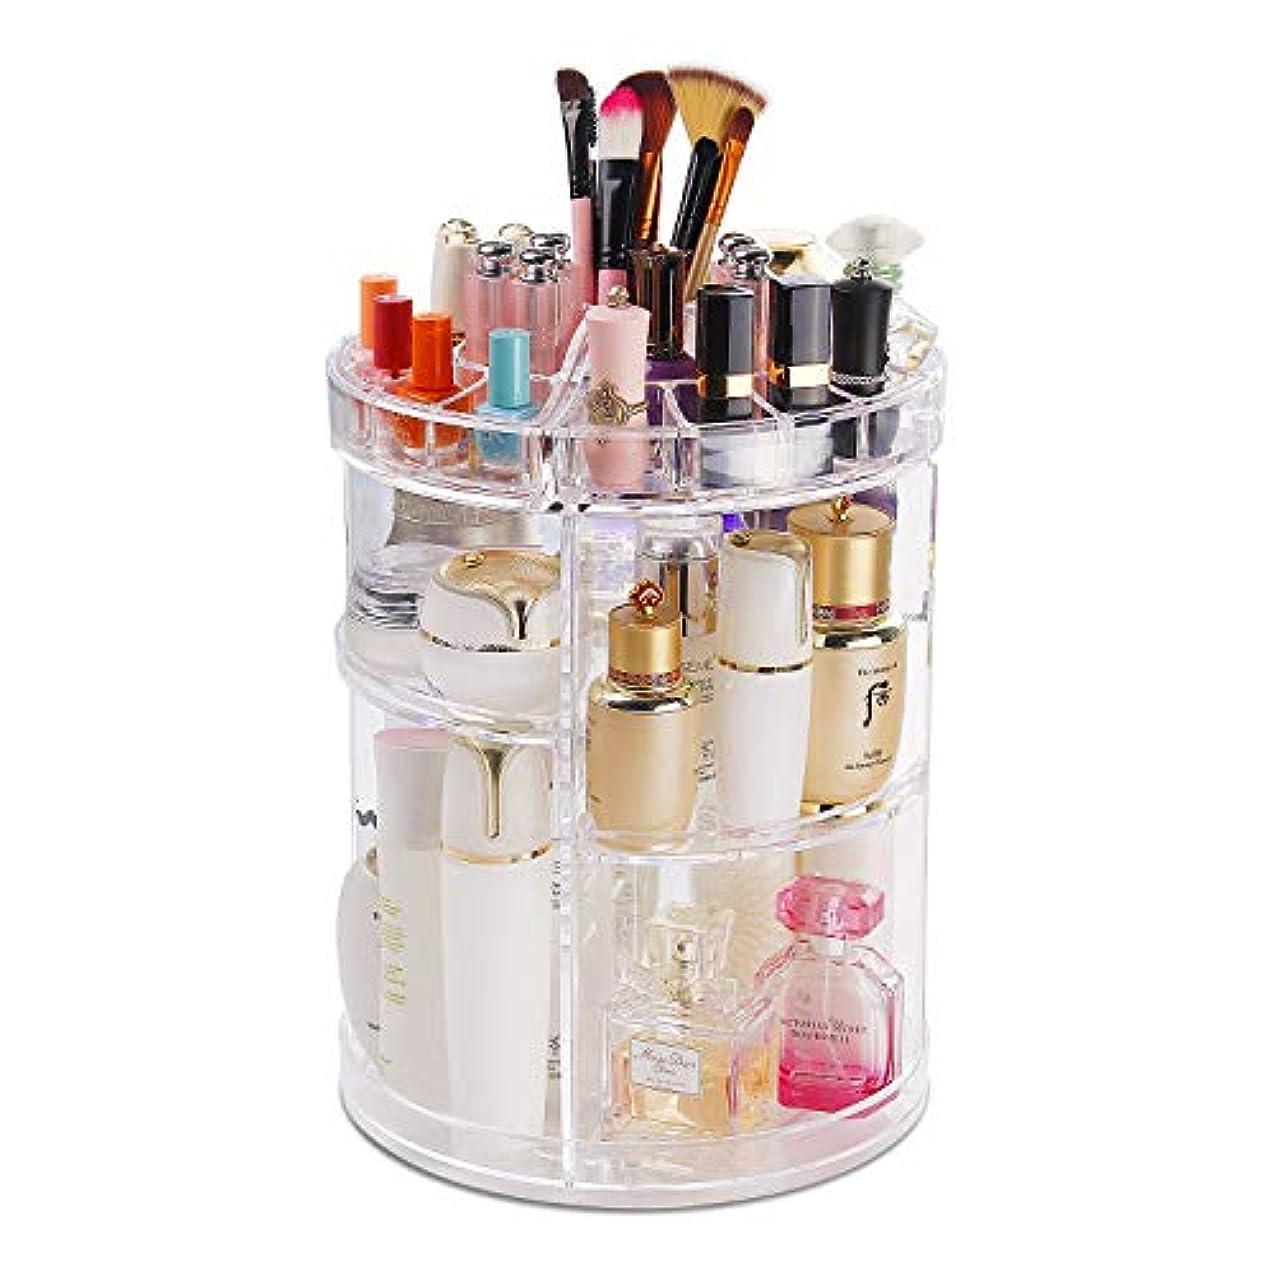 威信デコレーションクラブ化粧品収納ボックス コスメボックス 360度回転化粧品収納ラック 大容量透明化粧品ケース メイクボックス 女の子のギフト